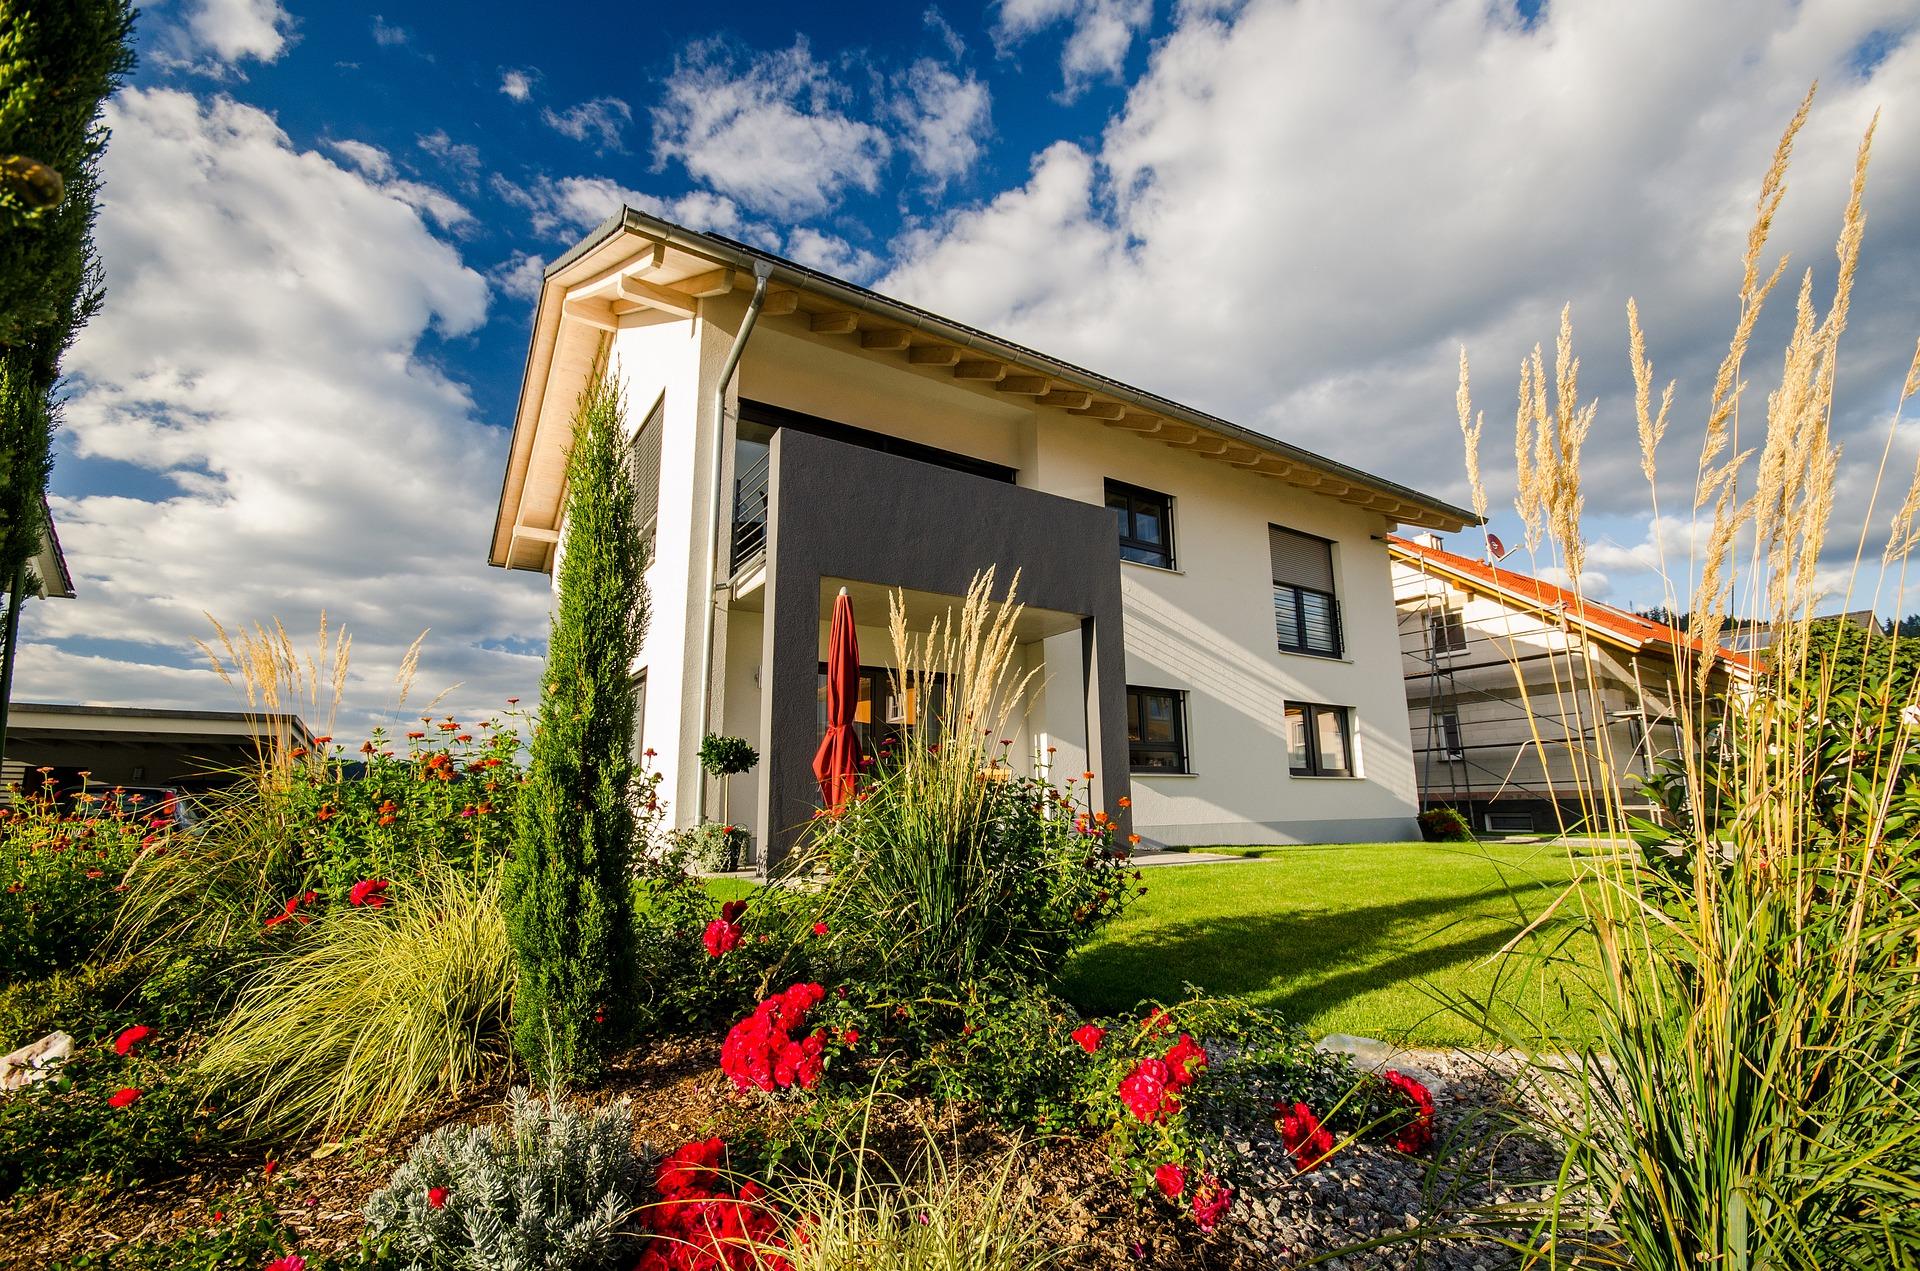 Einfamilienhaus - Ihren Traum vom eigenen Haus bauen wir in Halle und Leipzig